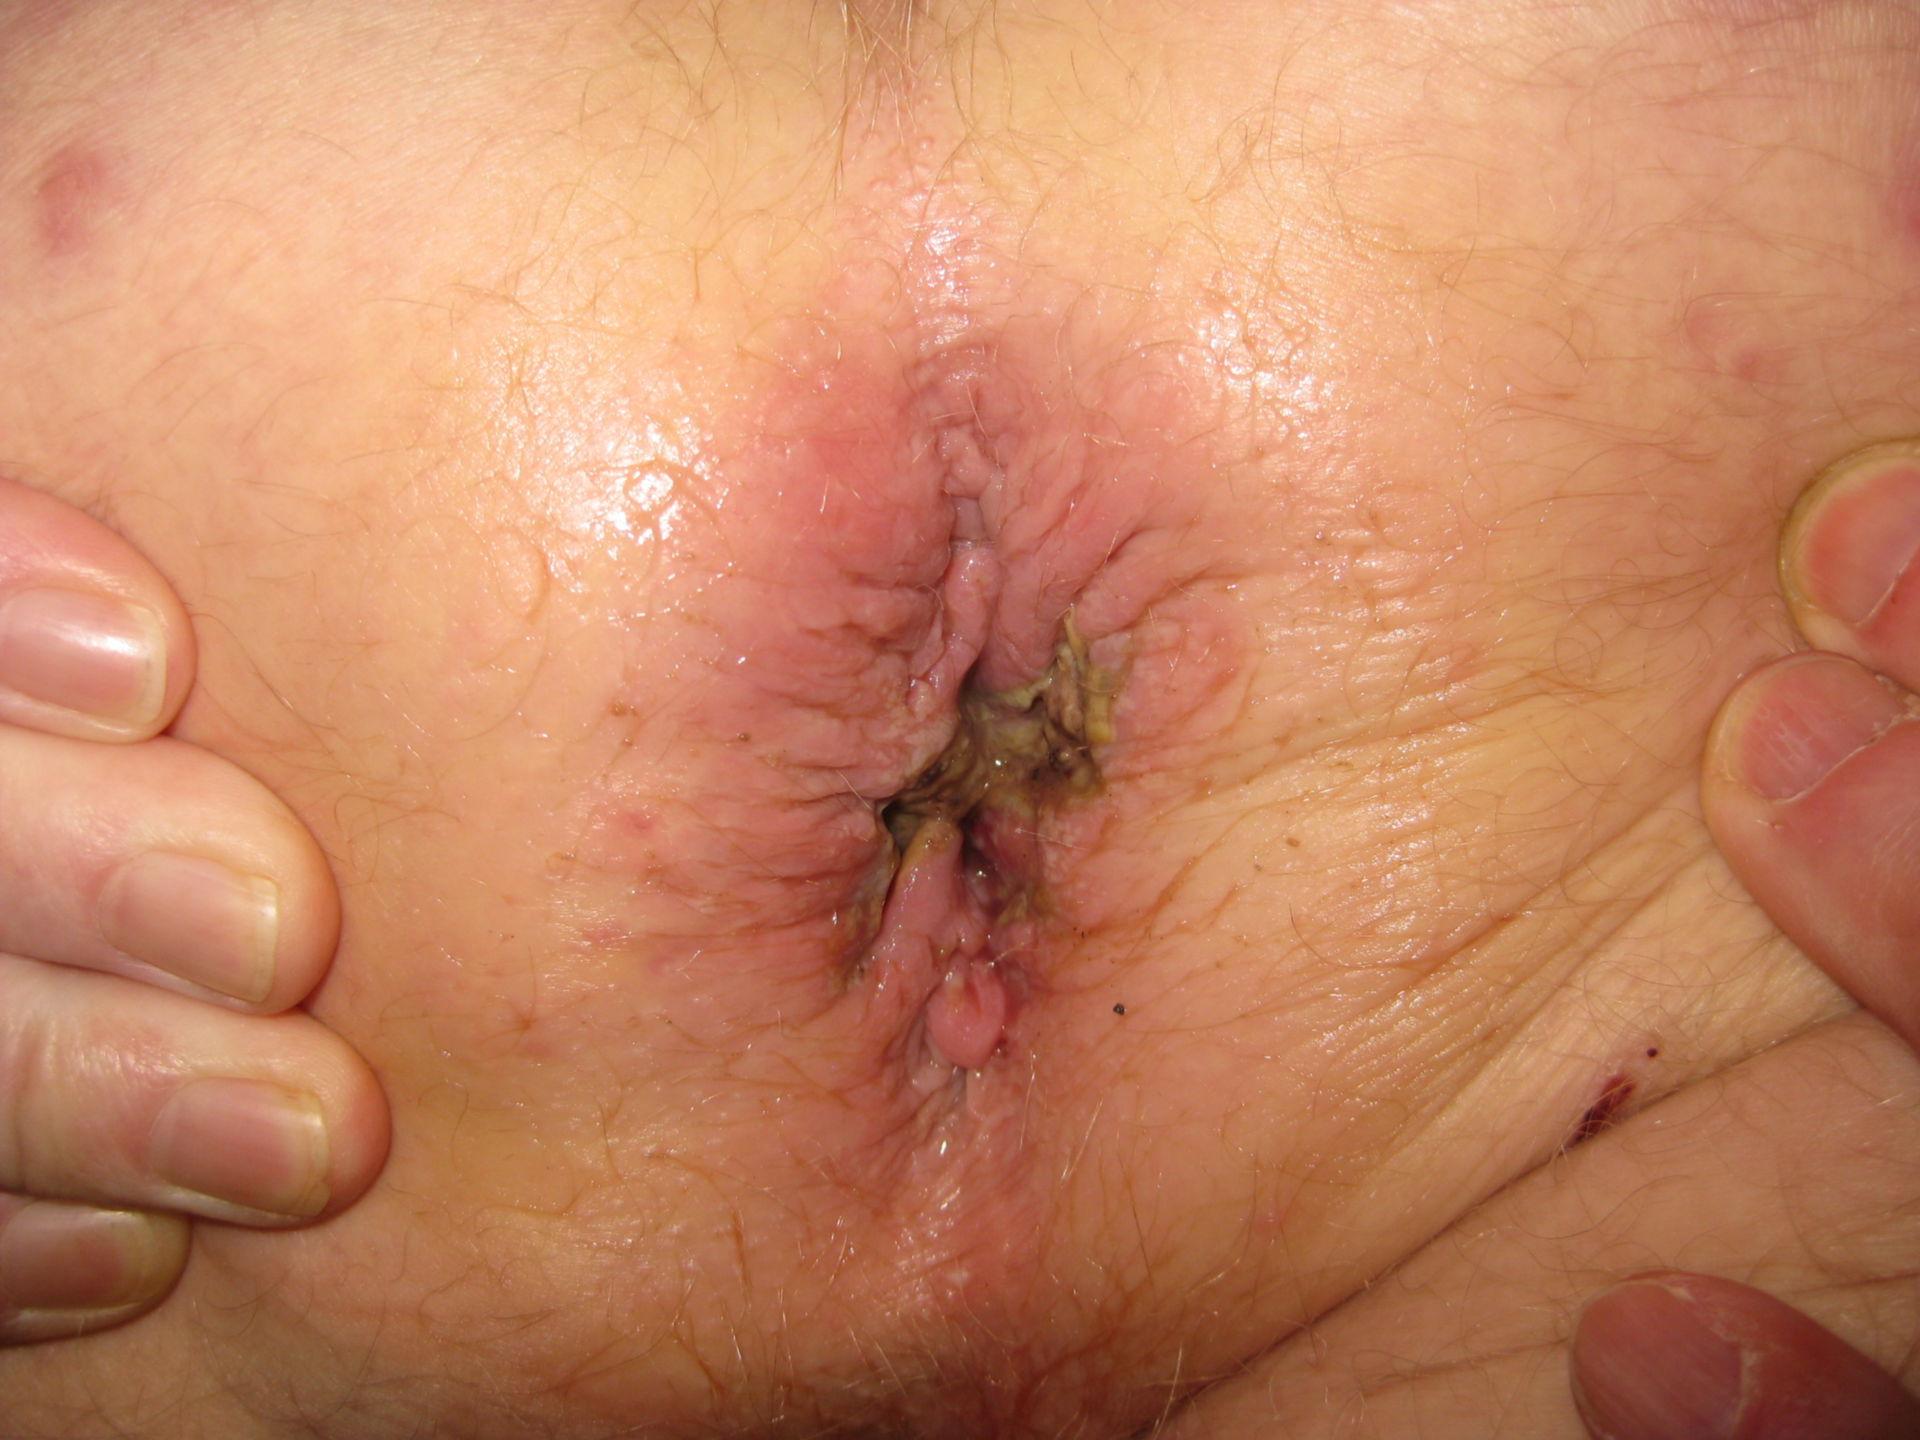 Hämorrhoidektomie - 5 Tag postoperativ